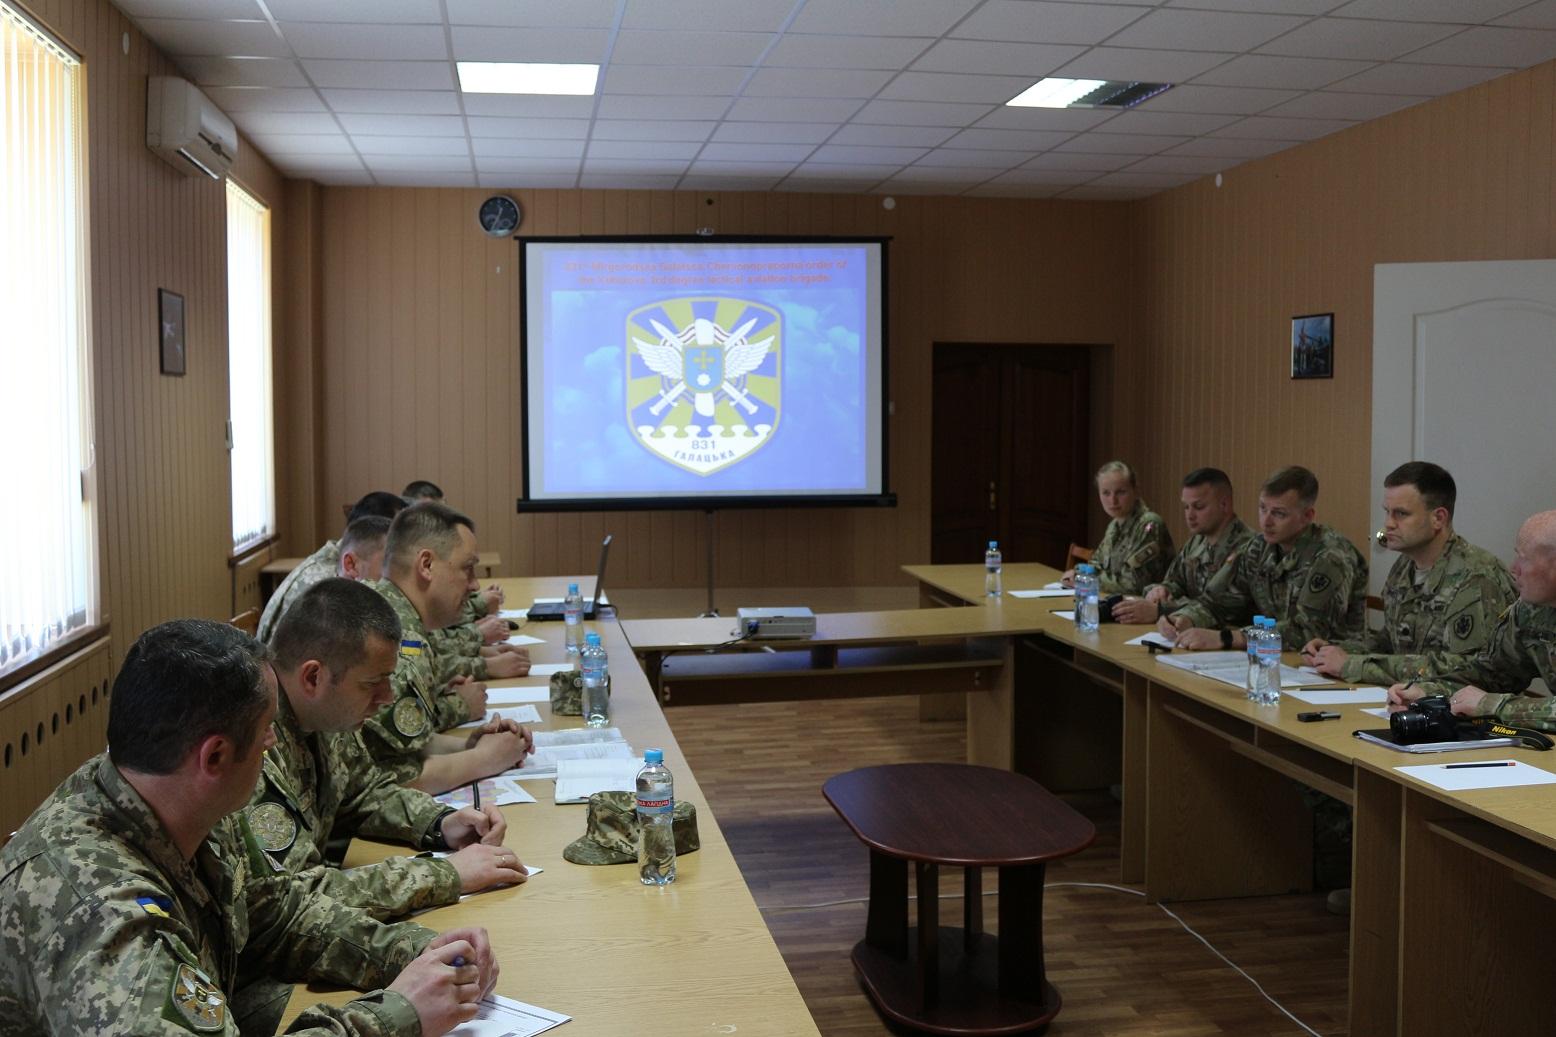 Миргородских авиаторов посетила многонациональная инспекционная группа